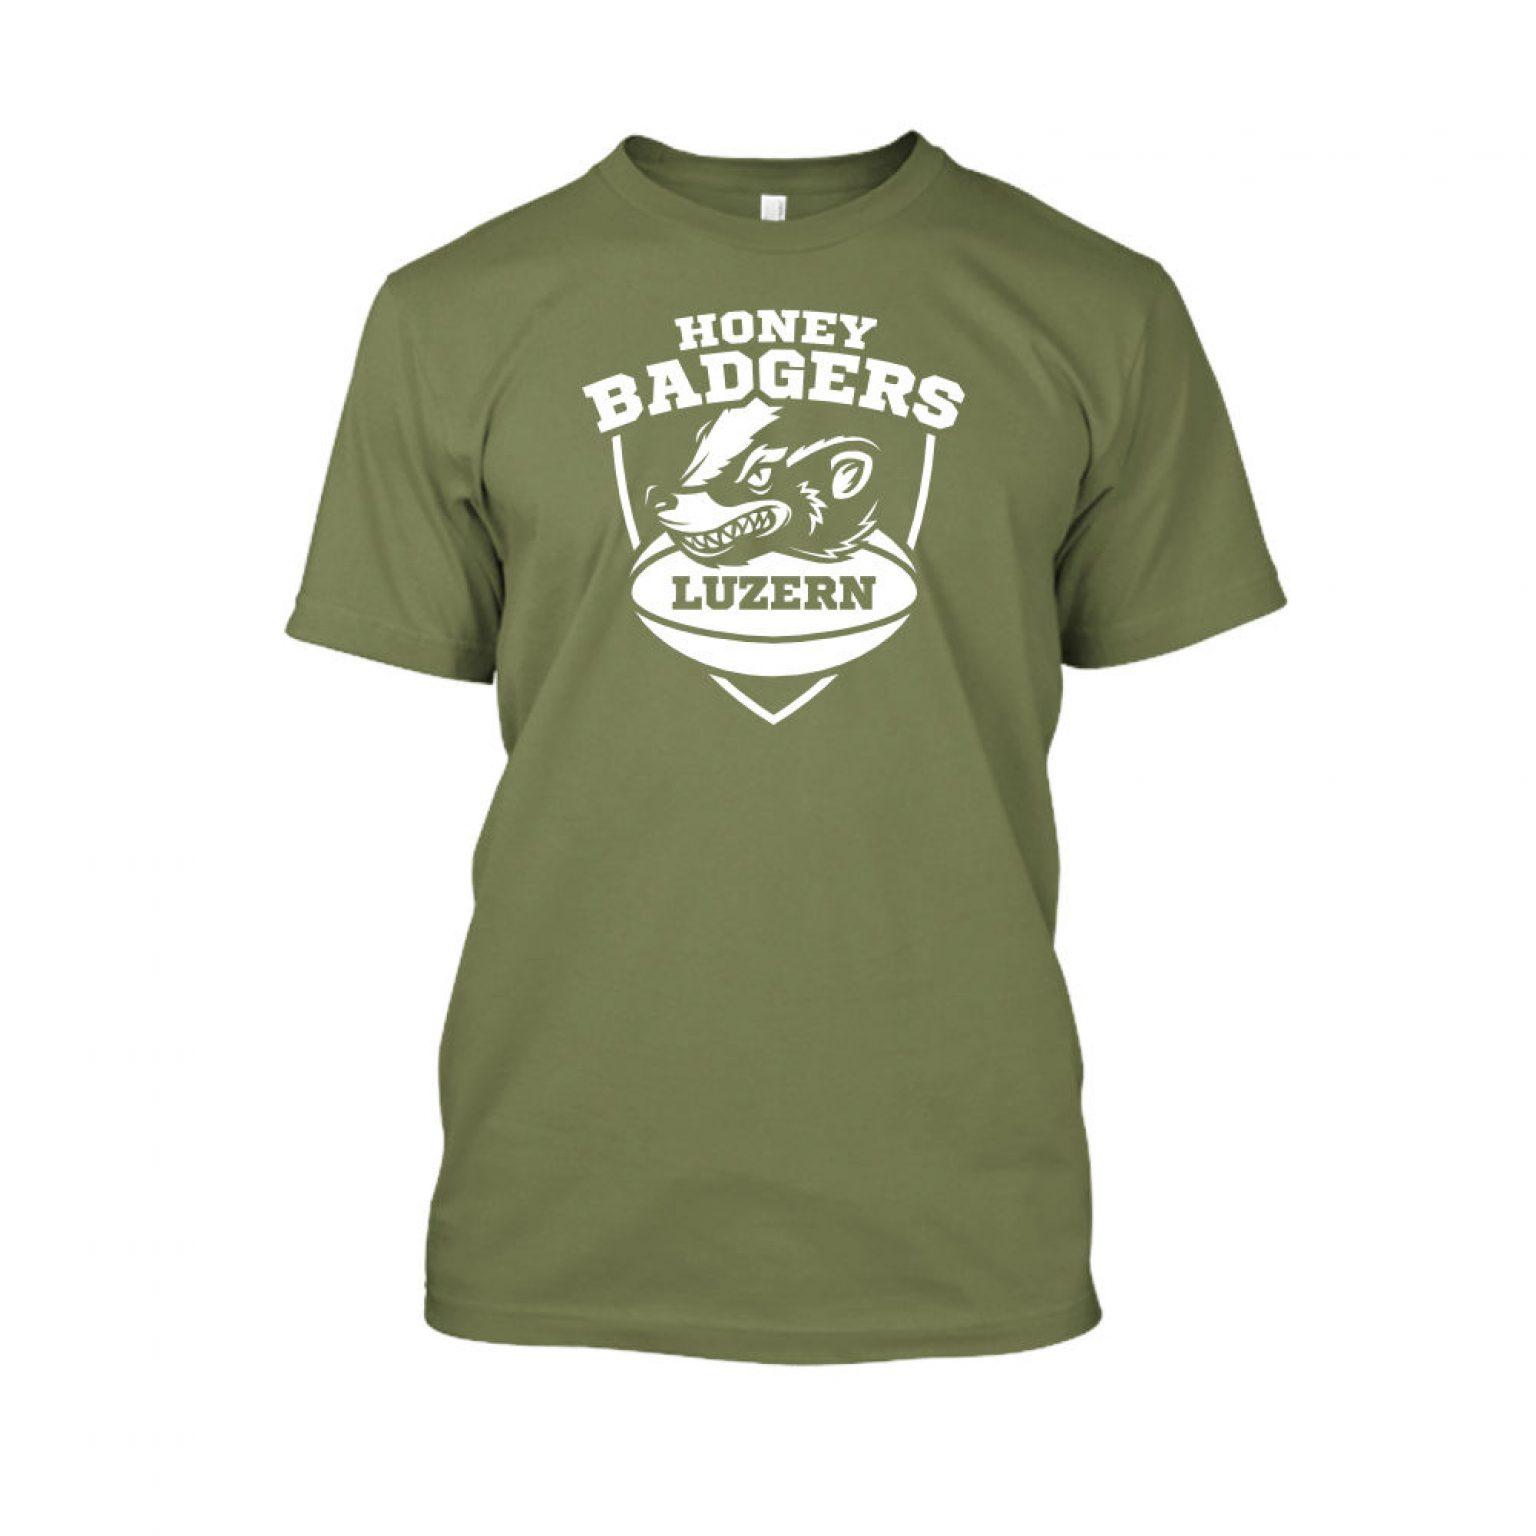 honeybadgerV2 shirt herren military front